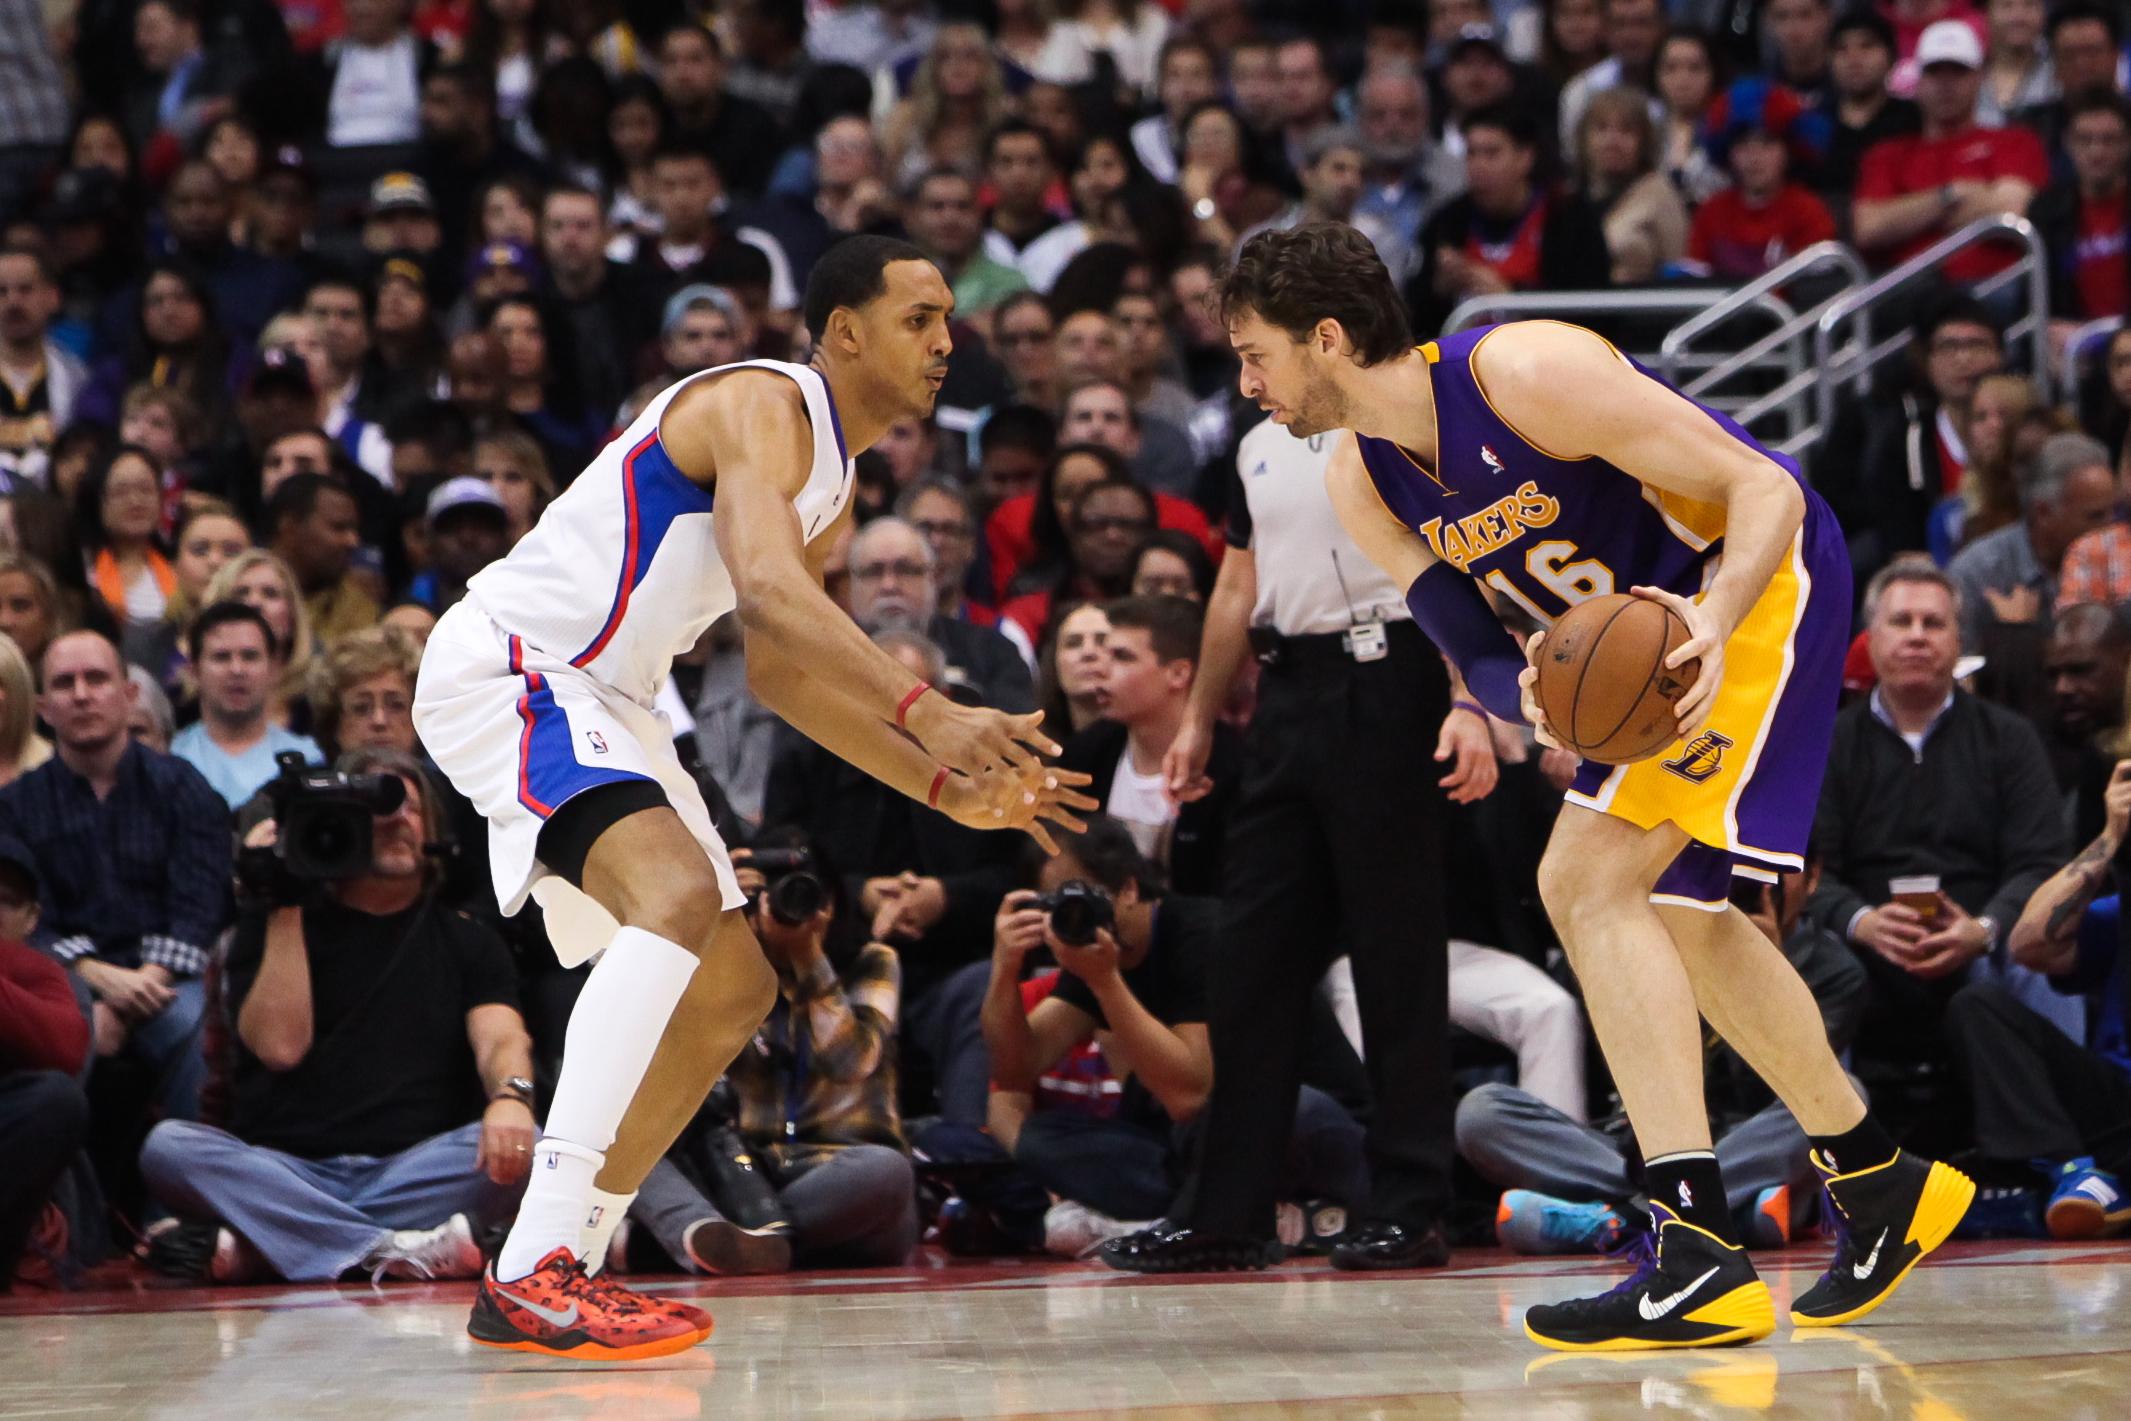 Photos by Varon P. Lakers-48.jpg